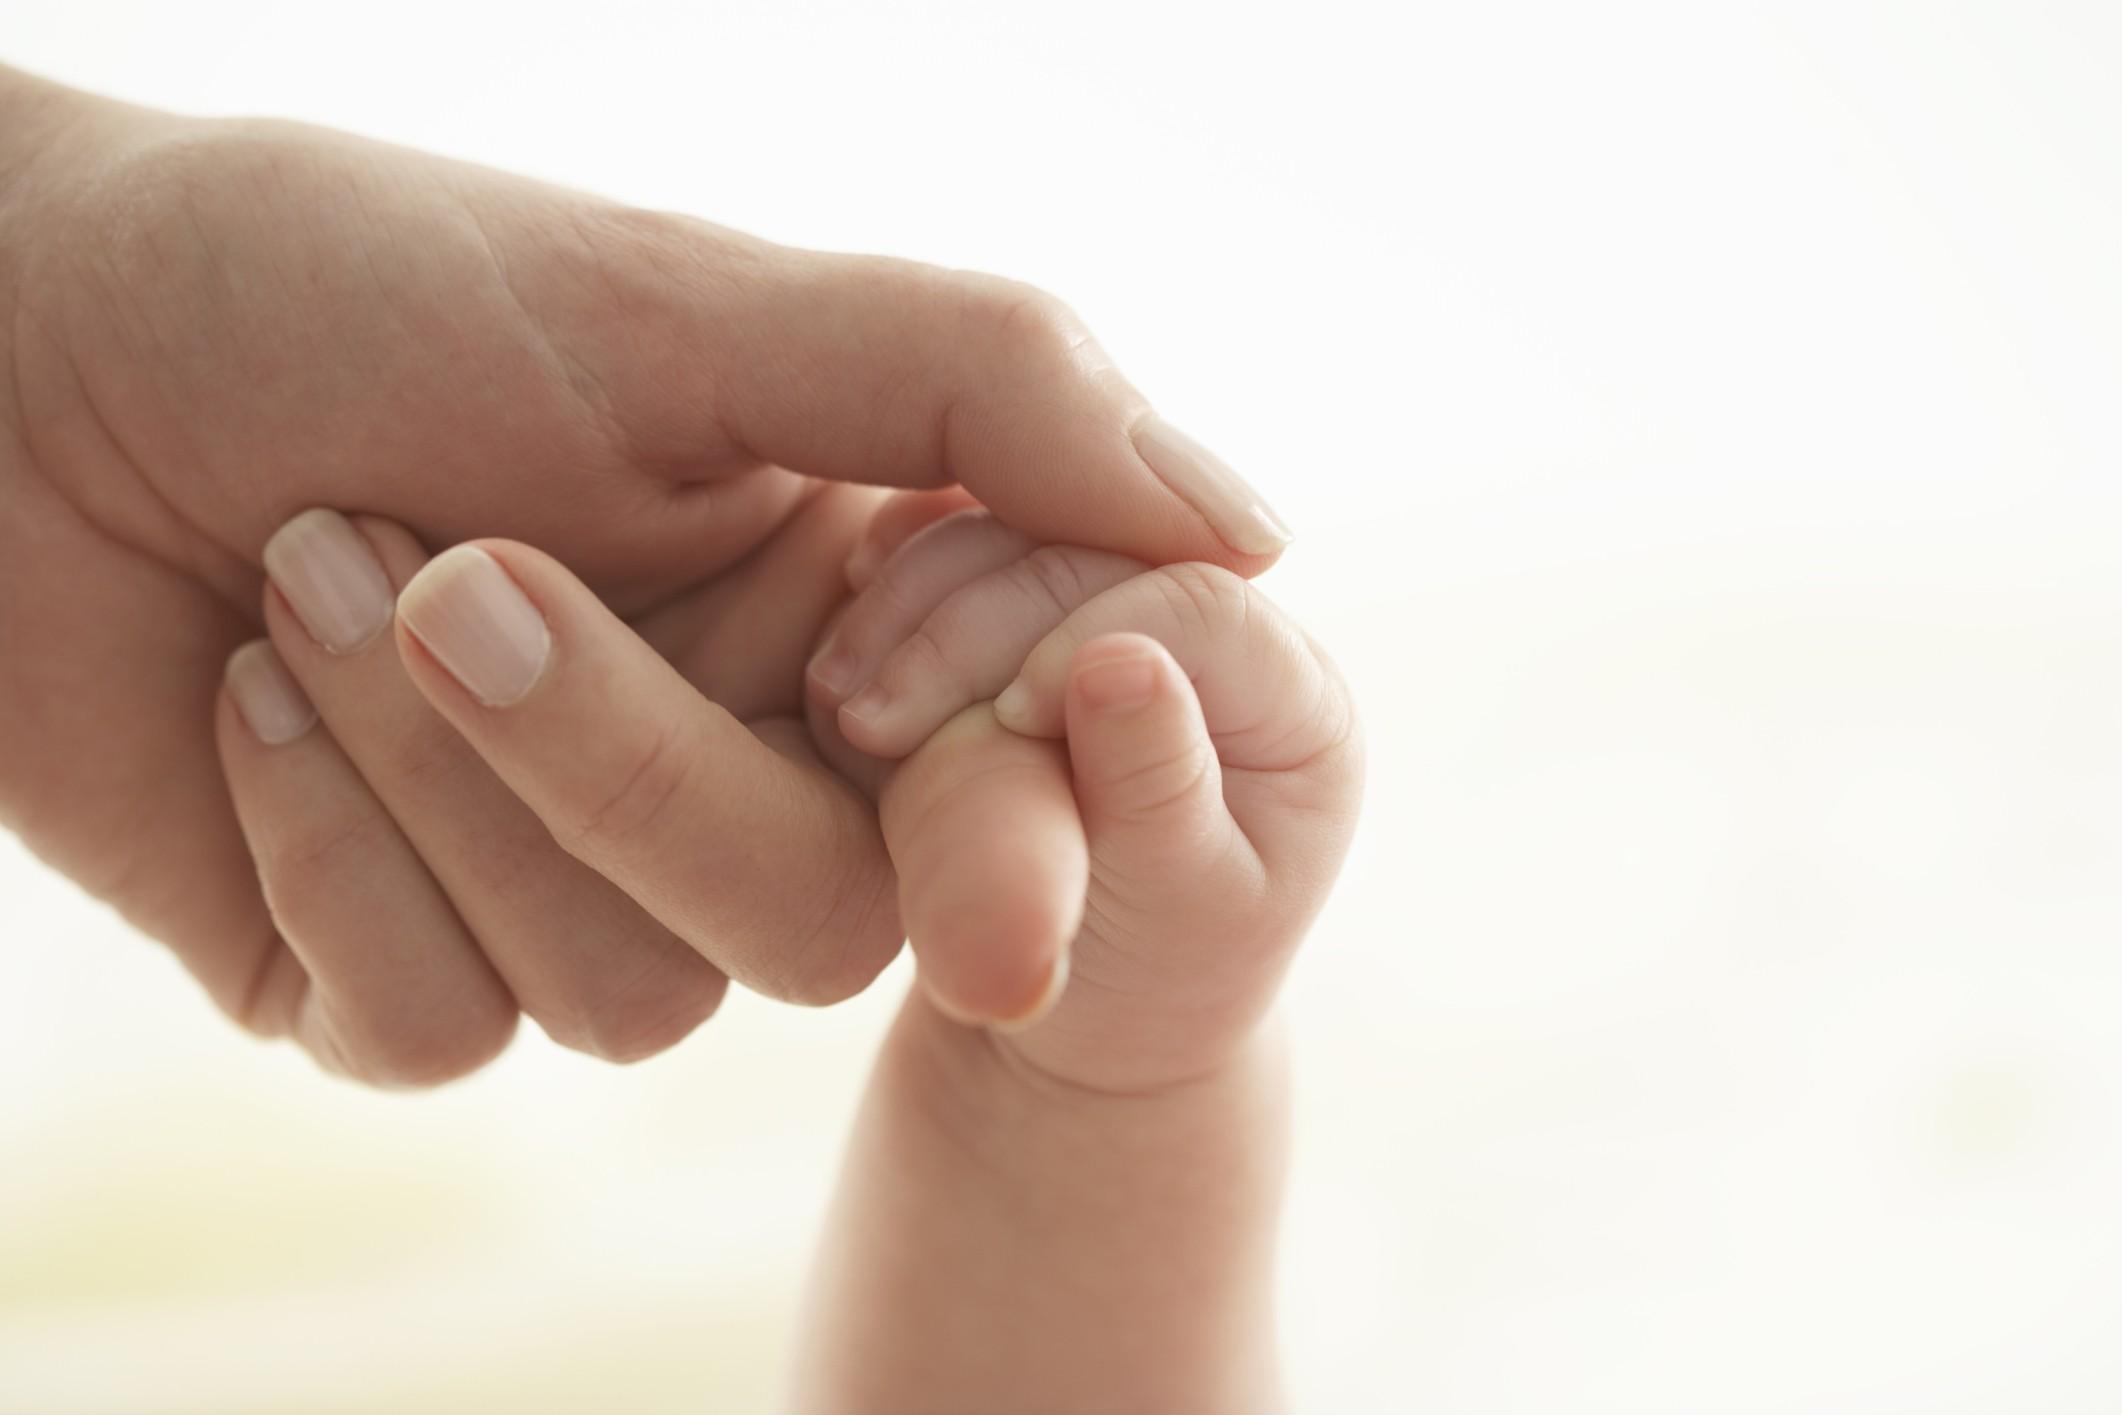 A partir do terceiro trimestre, quando o feto já tem a audição mais desenvolvida, os médicos indicam que as mães intensifiquem os diálogos com o bebê (Foto: Thinkstock)